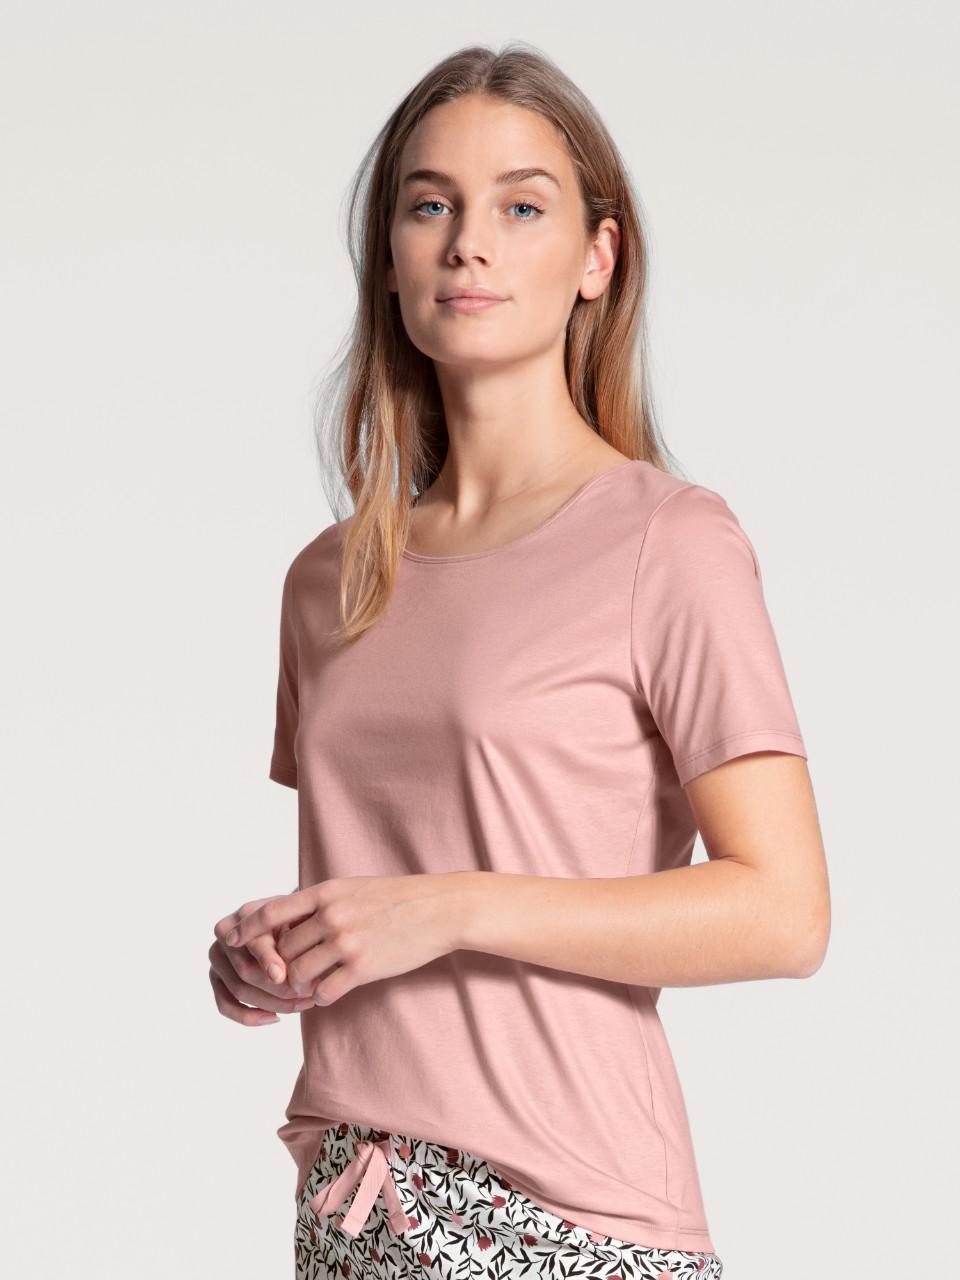 14038 251 tee-shirt vieux rose 100% coton supima Prix : 39.95 €